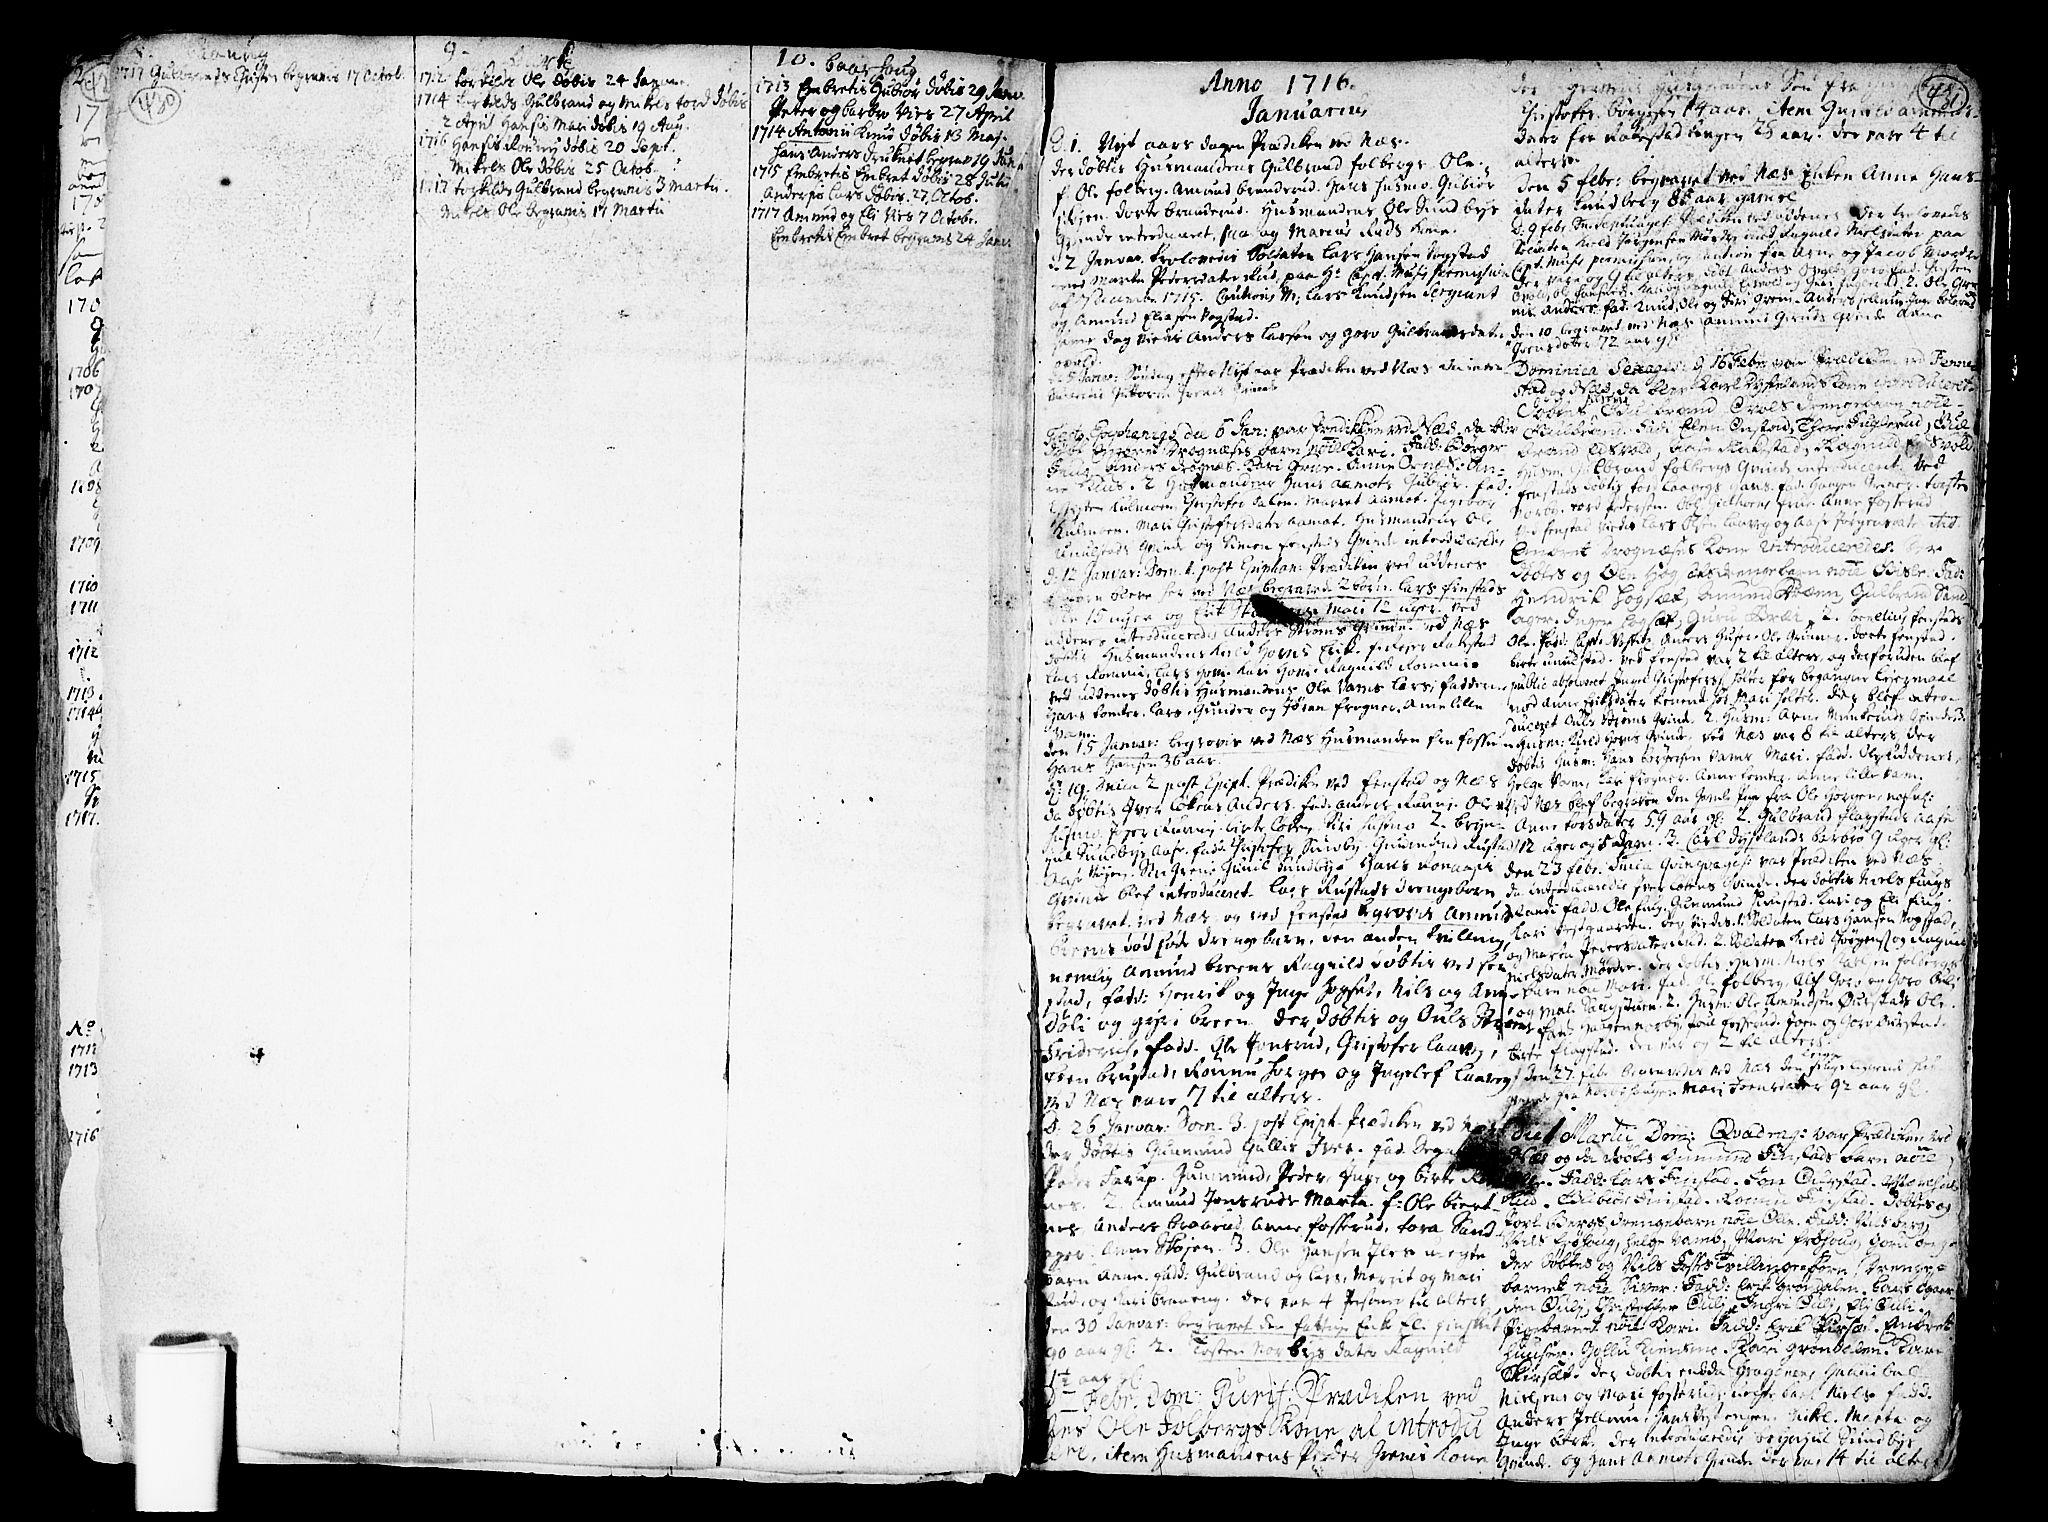 SAO, Nes prestekontor Kirkebøker, F/Fa/L0001: Ministerialbok nr. I 1, 1689-1716, s. 430